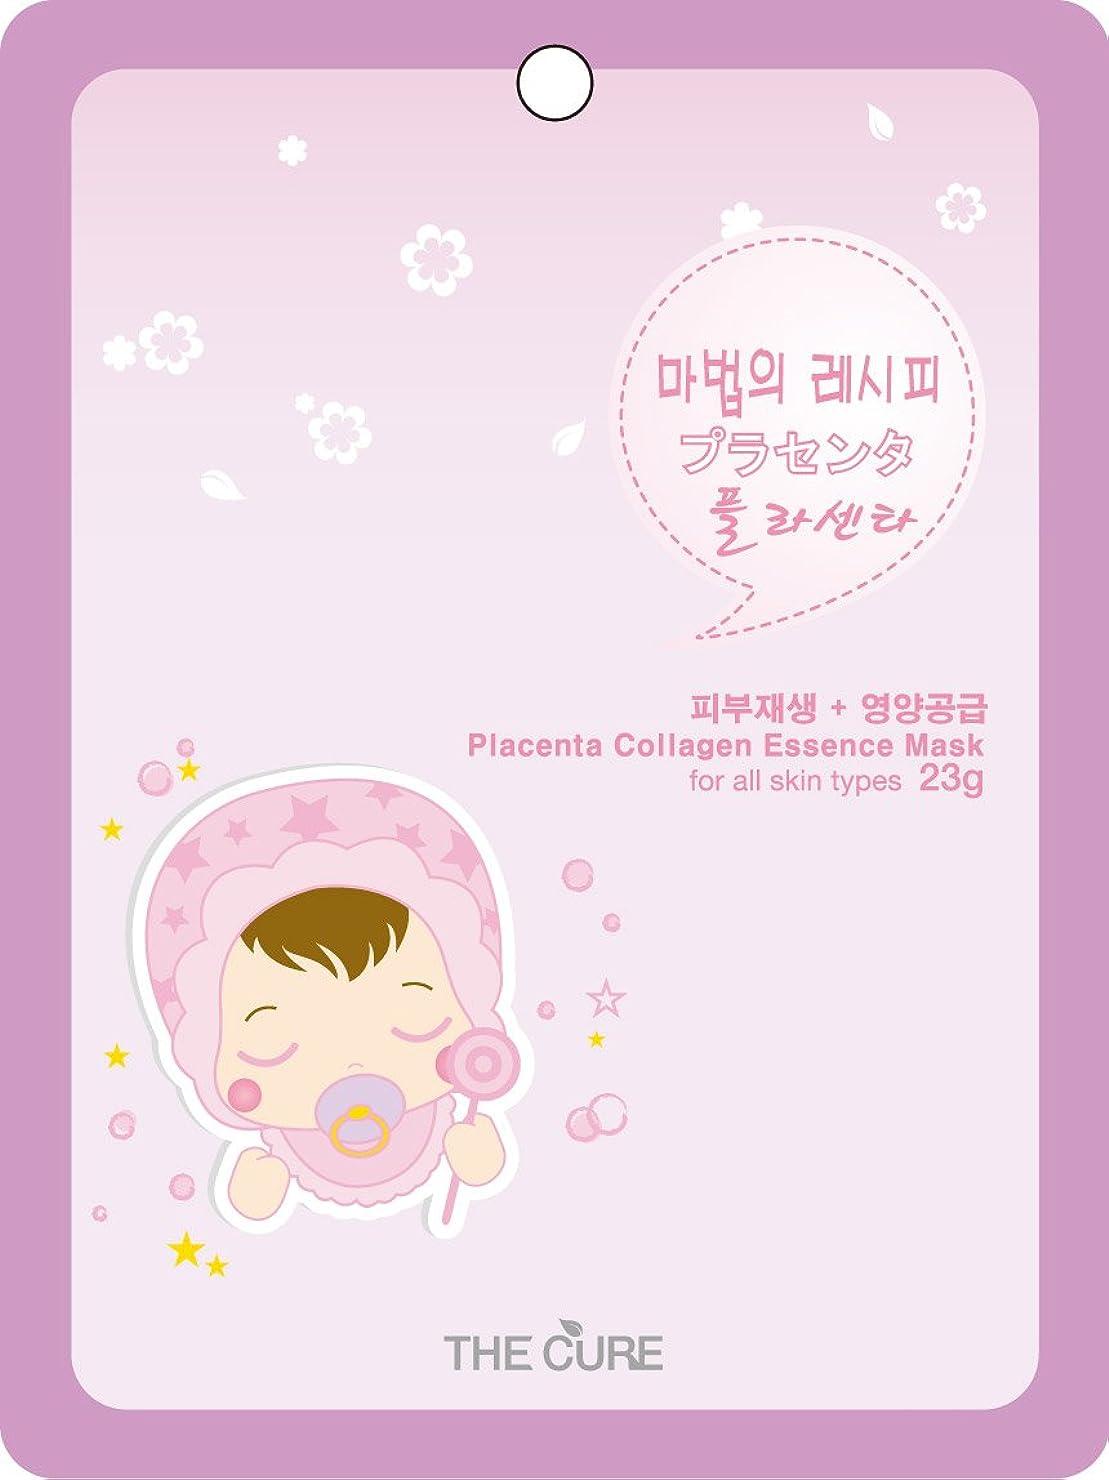 限りネズミ愛するプラセンタ コラーゲン エッセンス マスク THE CURE シート パック 100枚セット 韓国 コスメ 乾燥肌 オイリー肌 混合肌